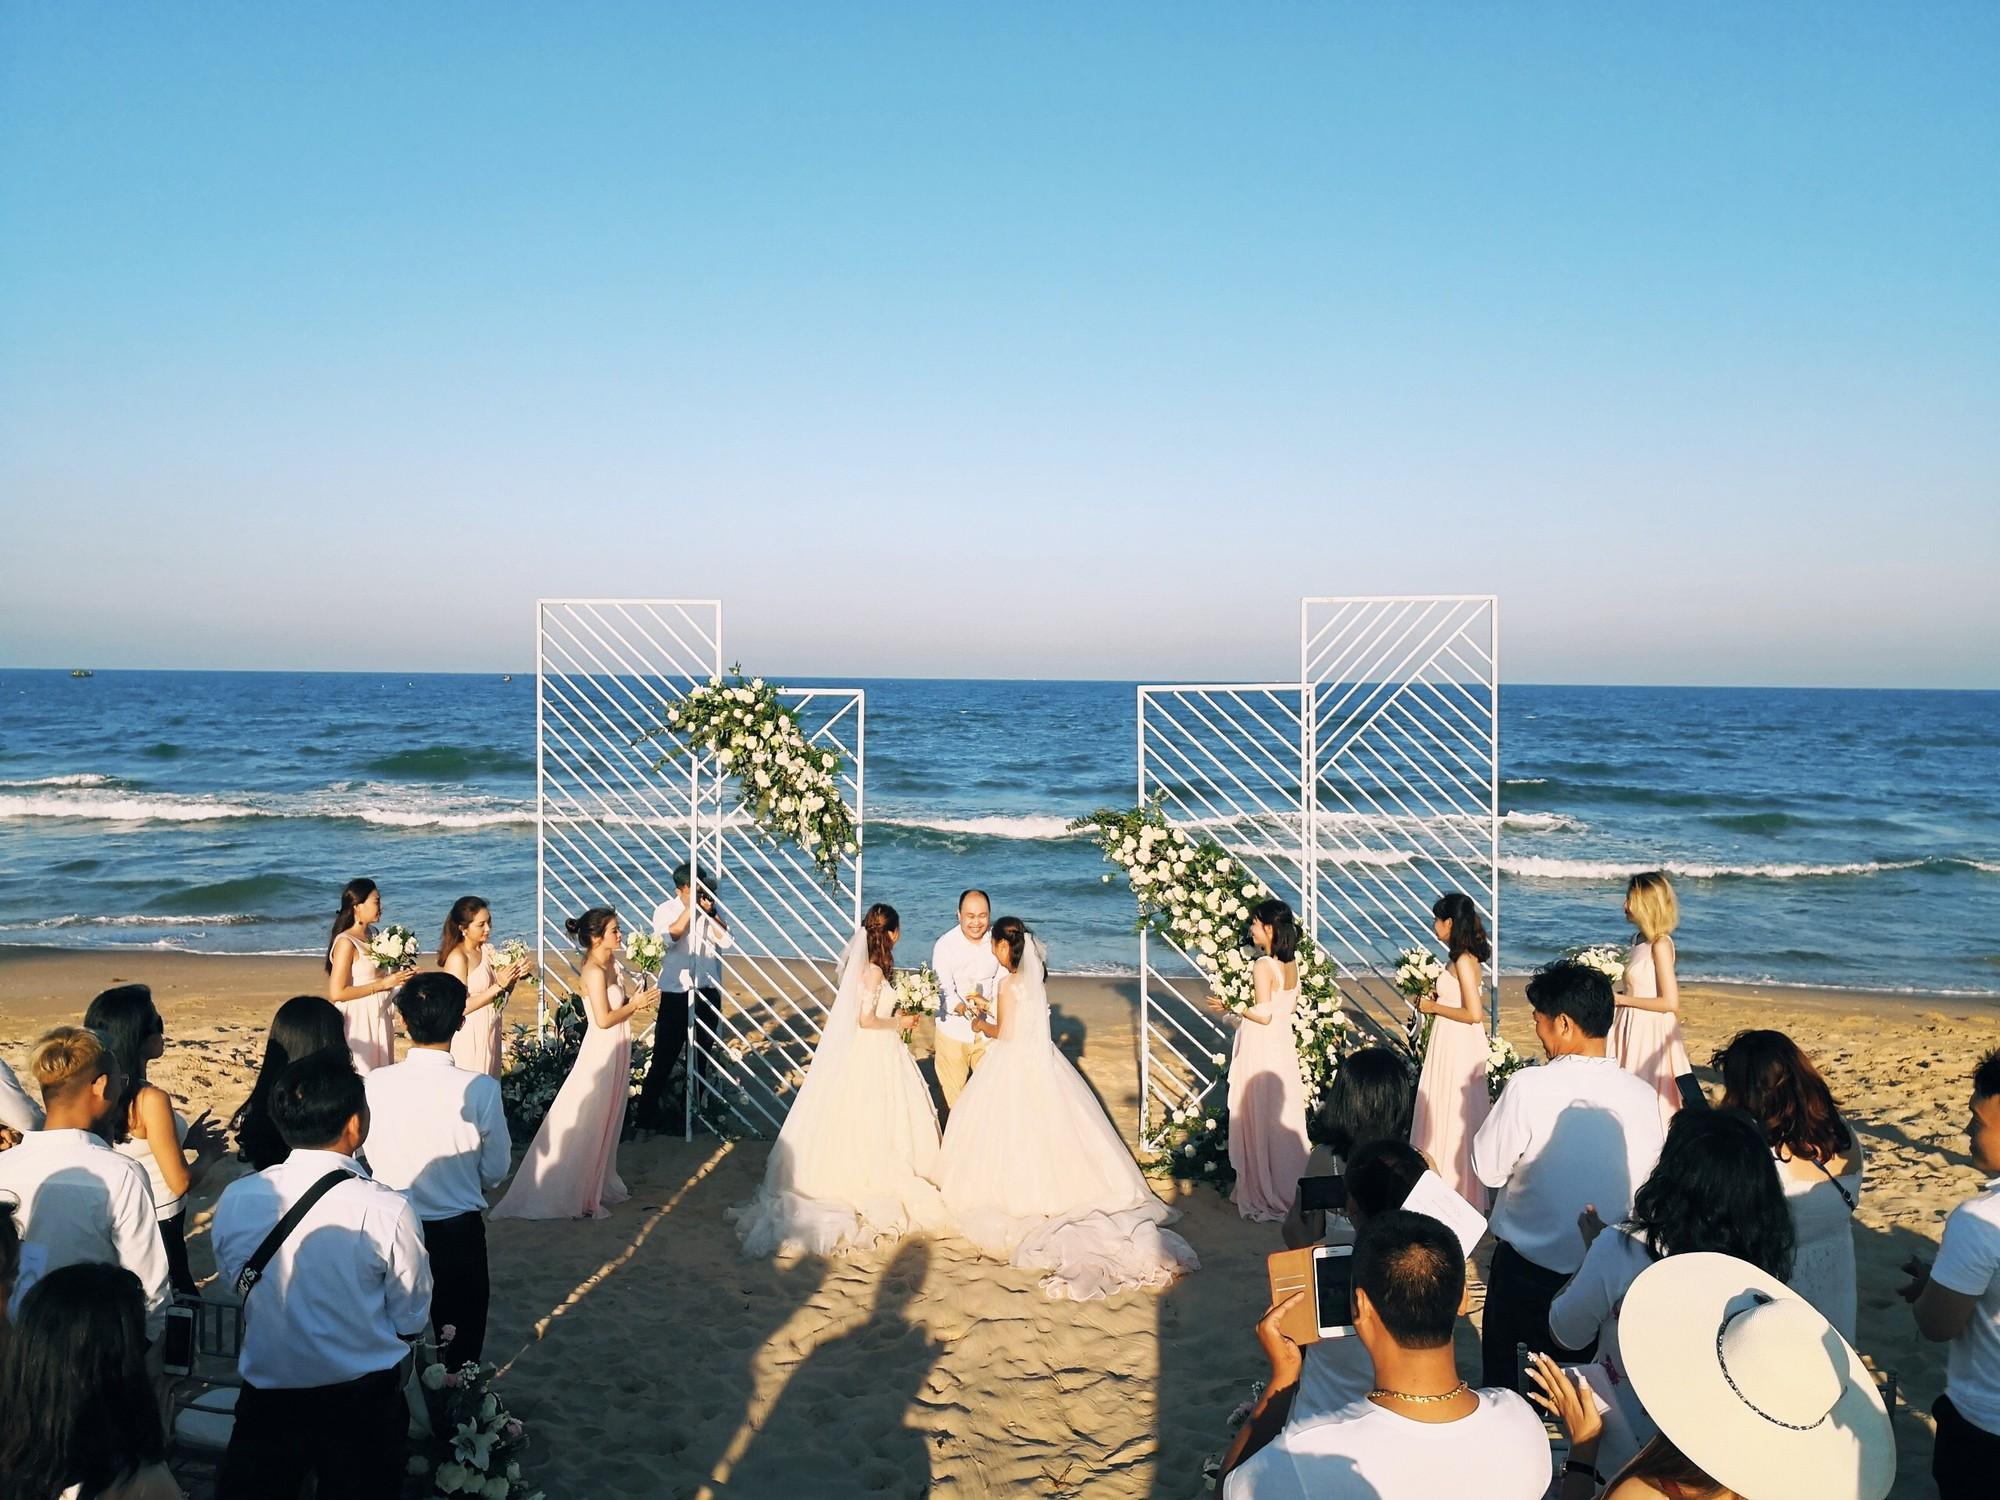 Đám cưới đồng tính của hai cô gái từng là tình địch giữa bãi biển Bình Thuận thơ mộng - Ảnh 3.